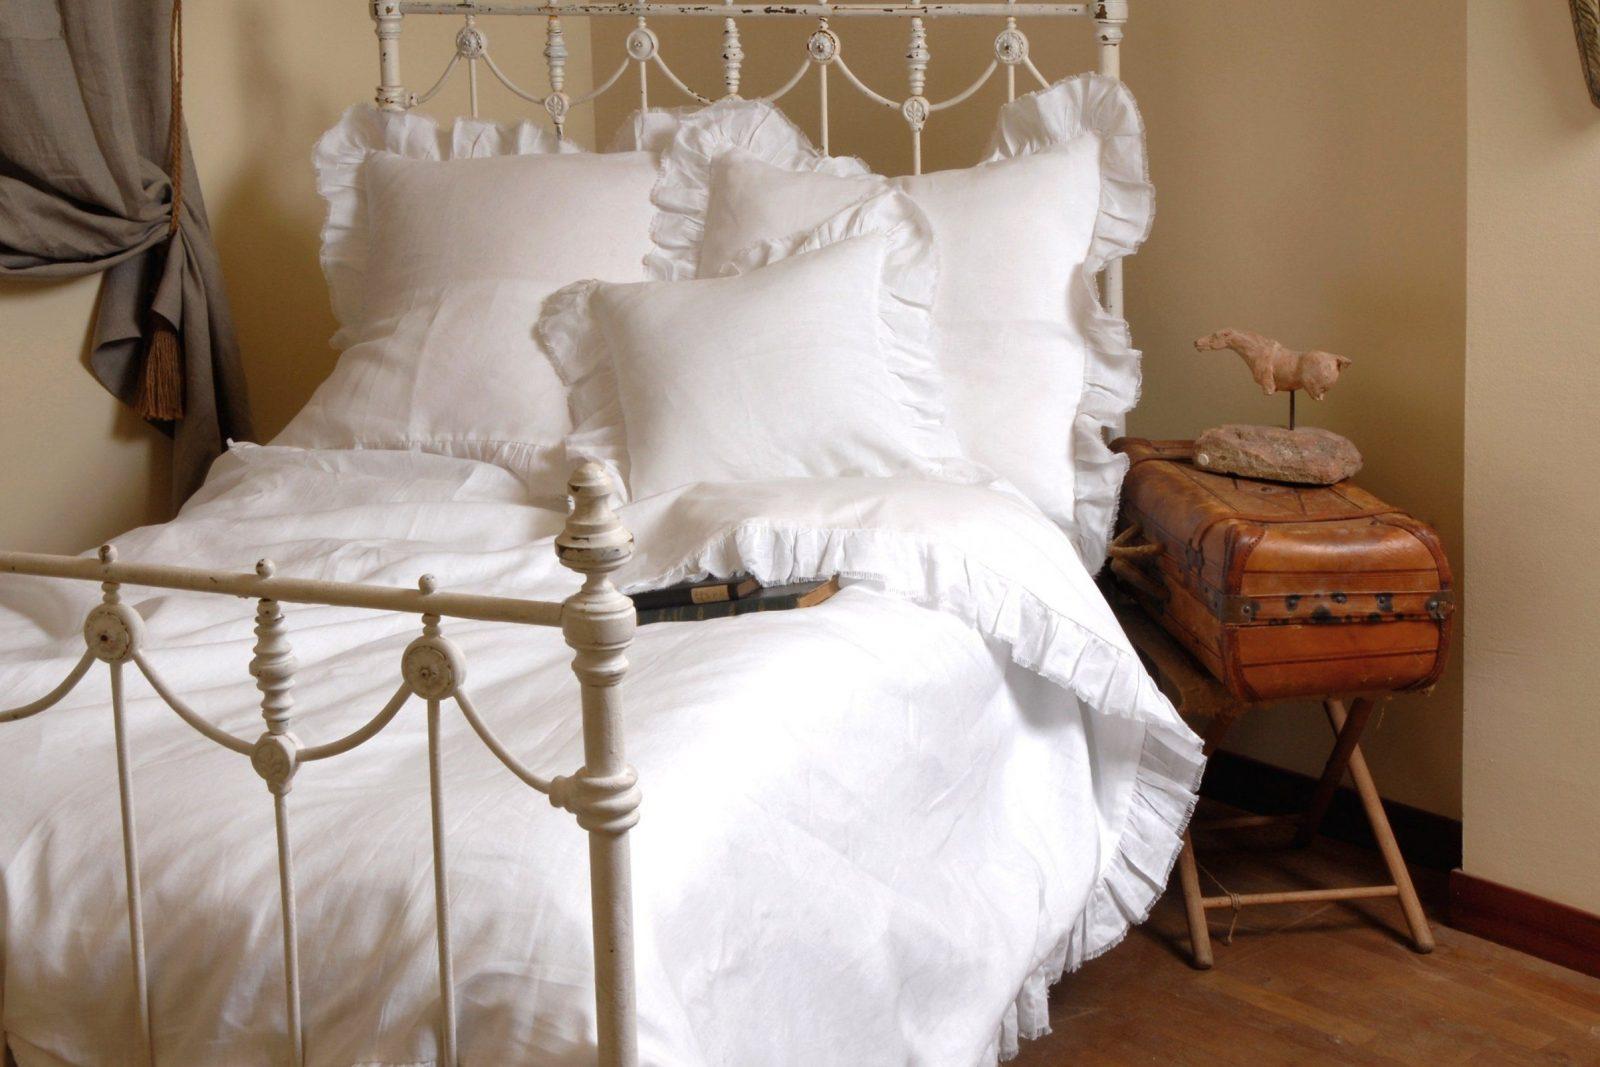 Wunderbare Inspiration Bettwäsche Weiß Rüschen Und Bdt Weiße Mit Das von Bettwäsche Weiß Rüschen Photo